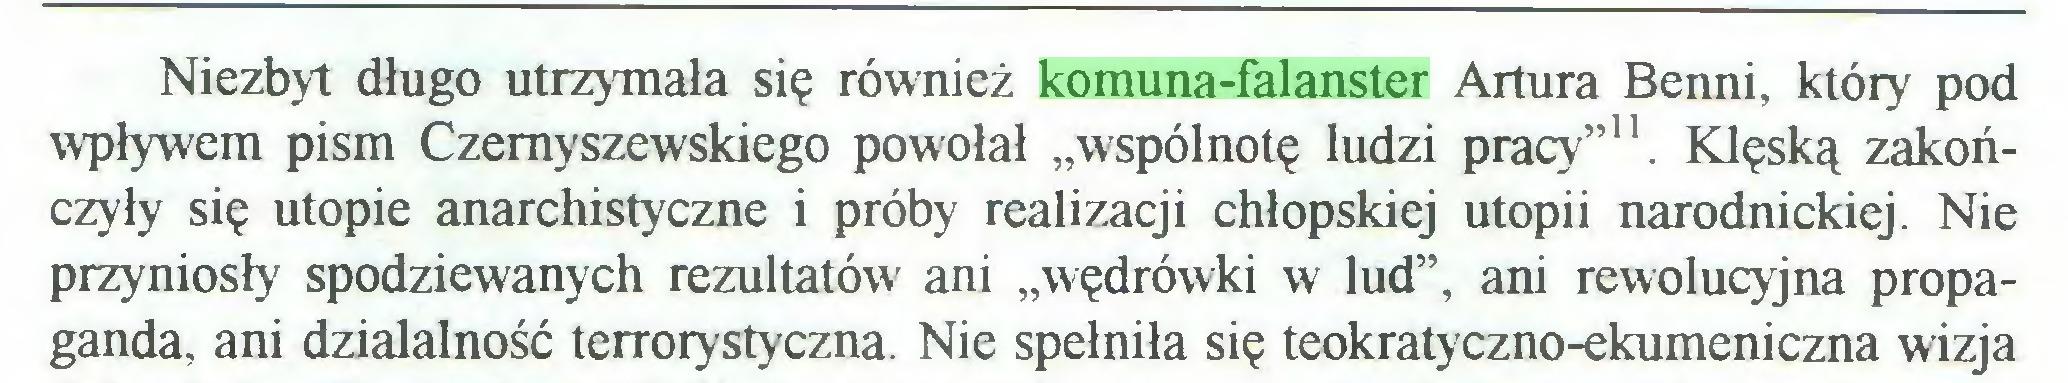 """(...) Niezbyt długo utrzymała się również komuna-falanster Artura Benni, który pod wpływem pism Czemyszewskiego powołał """"wspólnotę ludzi pracy""""11. Klęską zakończyły się utopie anarchistyczne i próby realizacji chłopskiej utopii narodnickiej. Nie przyniosły spodziewanych rezultatów ani """"wędrówki w lud"""", ani rewolucyjna propaganda, ani działalność terrorystyczna. Nie spełniła się teokratyczno-ekumeniczna wizja..."""